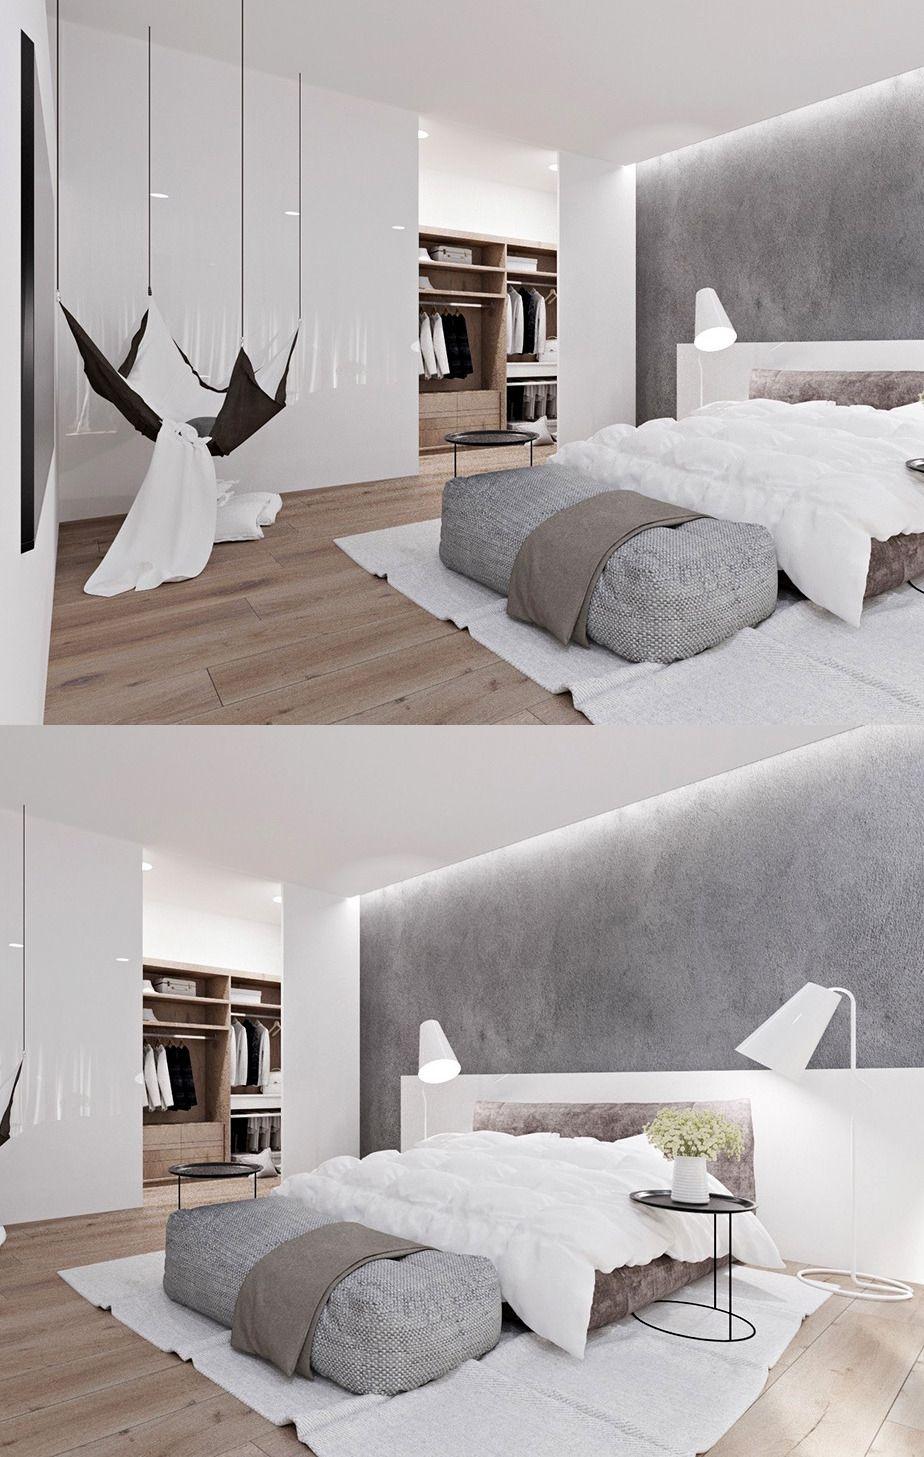 Elevate Home Design: Photo